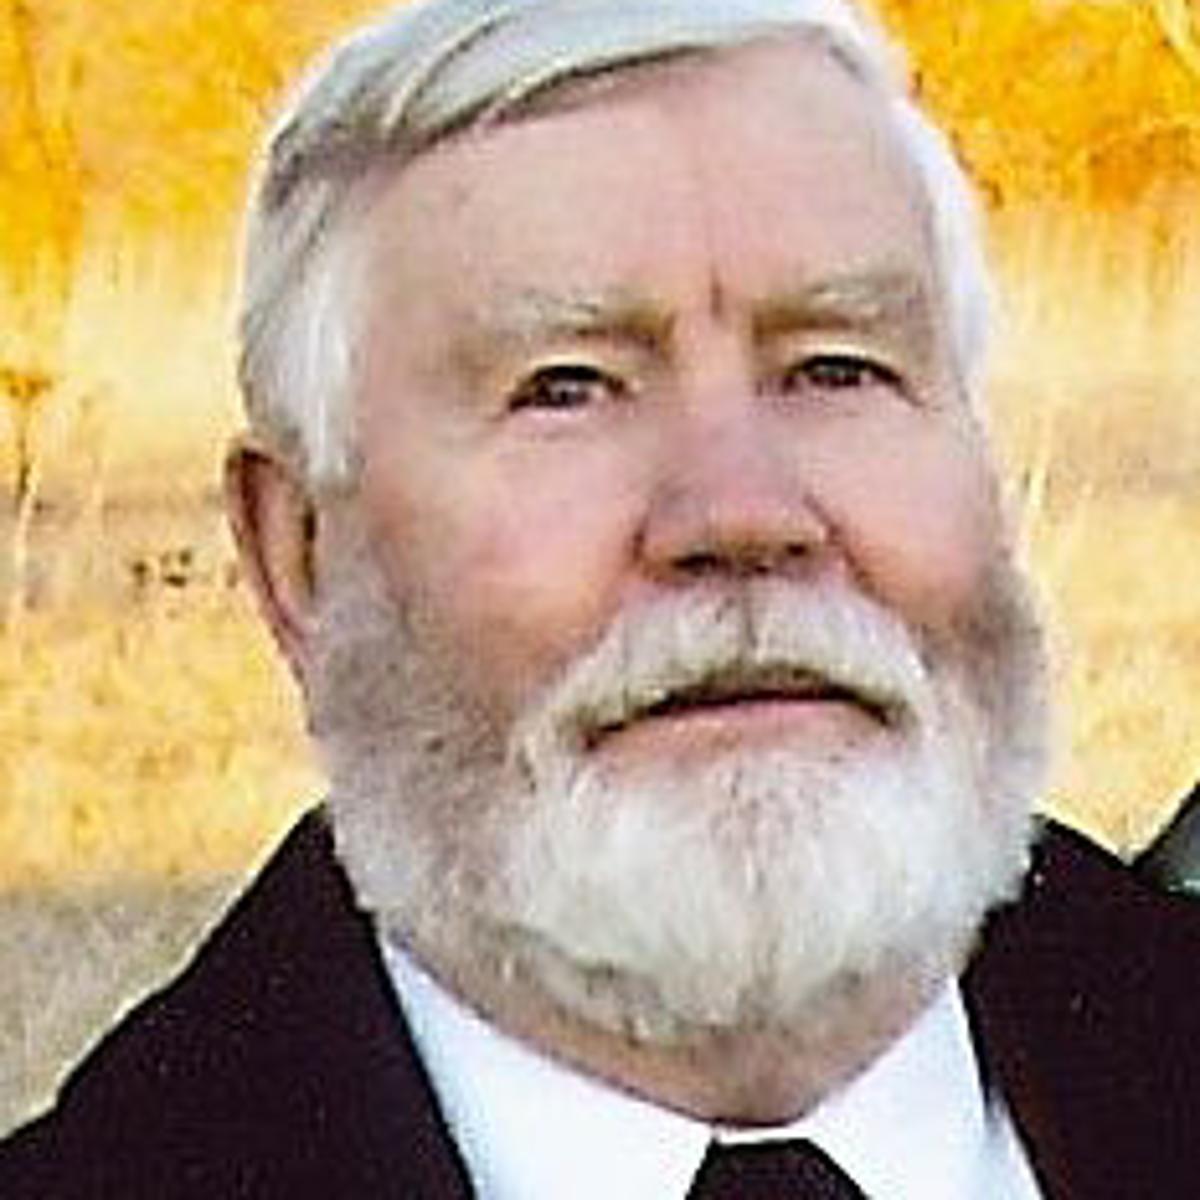 Louis J  Meinke, April 10, 1933 — July 26, 2019 | Family